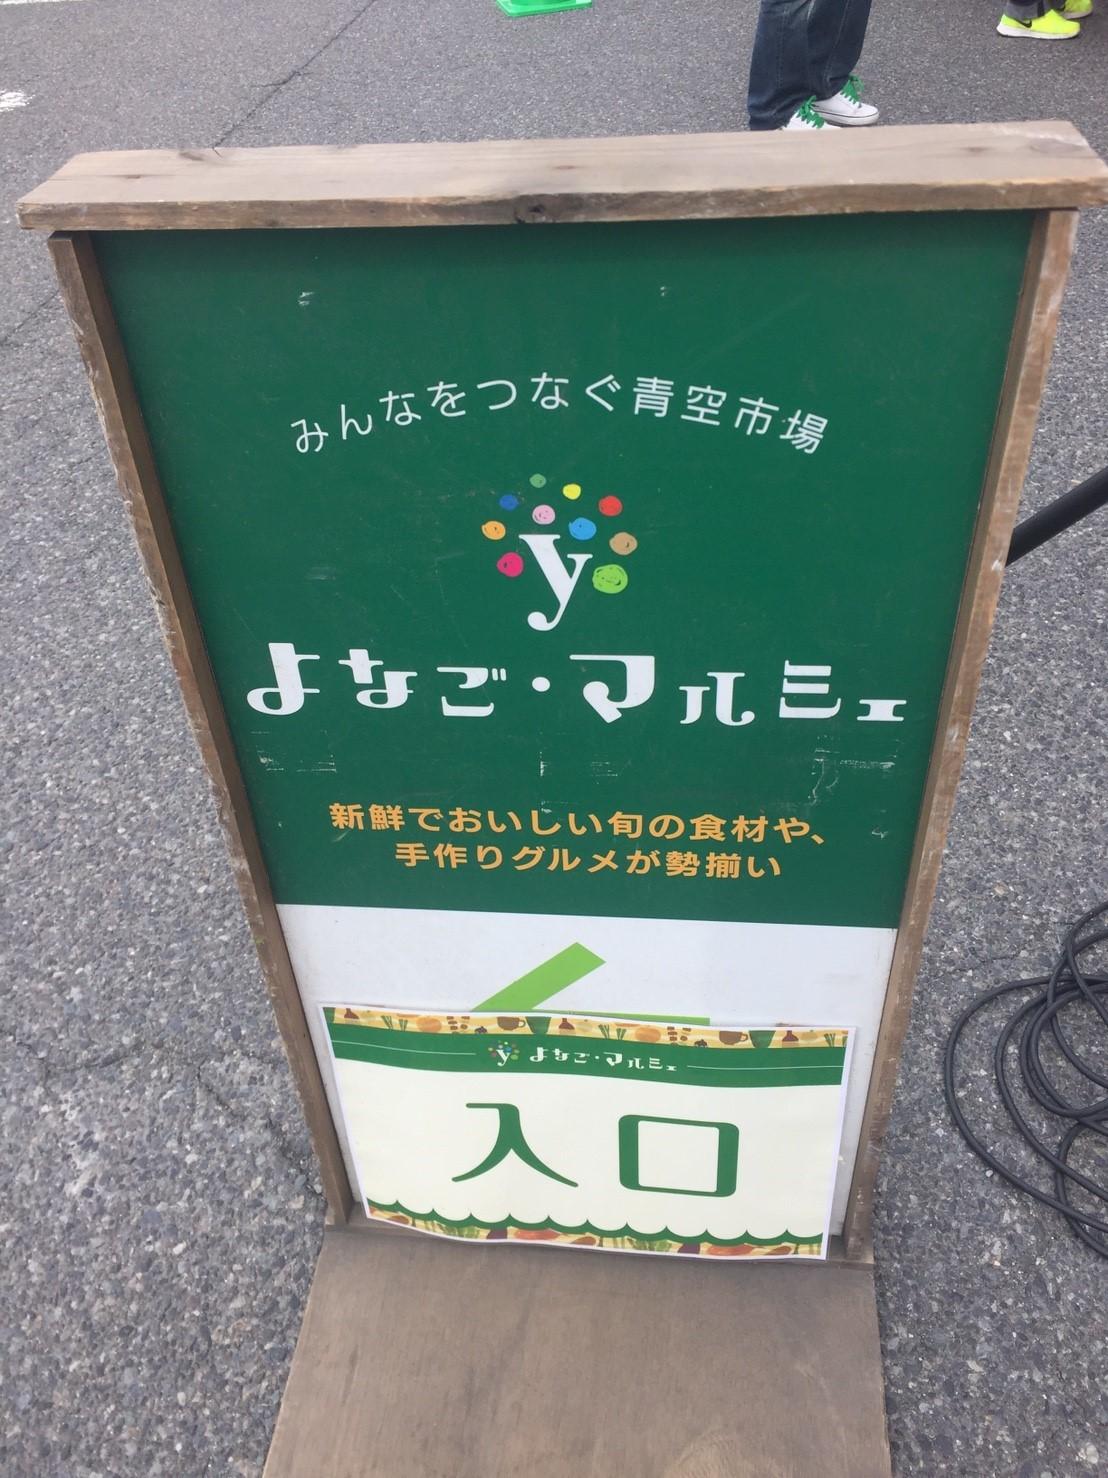 ラーメン放浪記 31  よなごマルシェ らーめん博 vol.2_e0115904_14485220.jpg